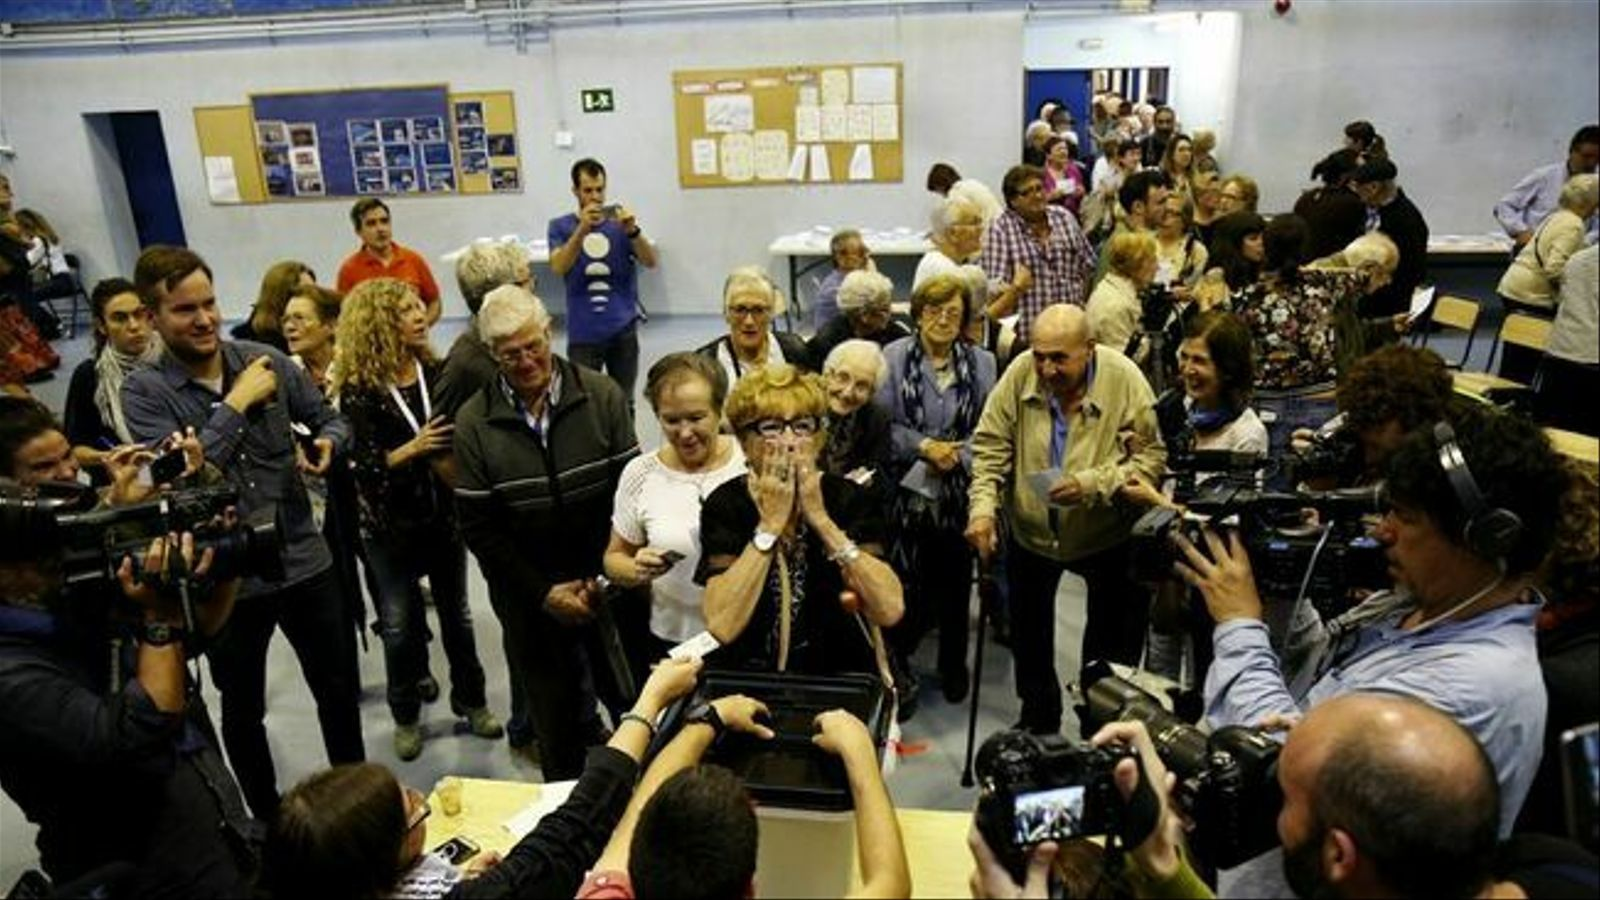 Els CDR convoquen un referèndum per validar l'inici del procés constituent coincidint amb les eleccions municipals